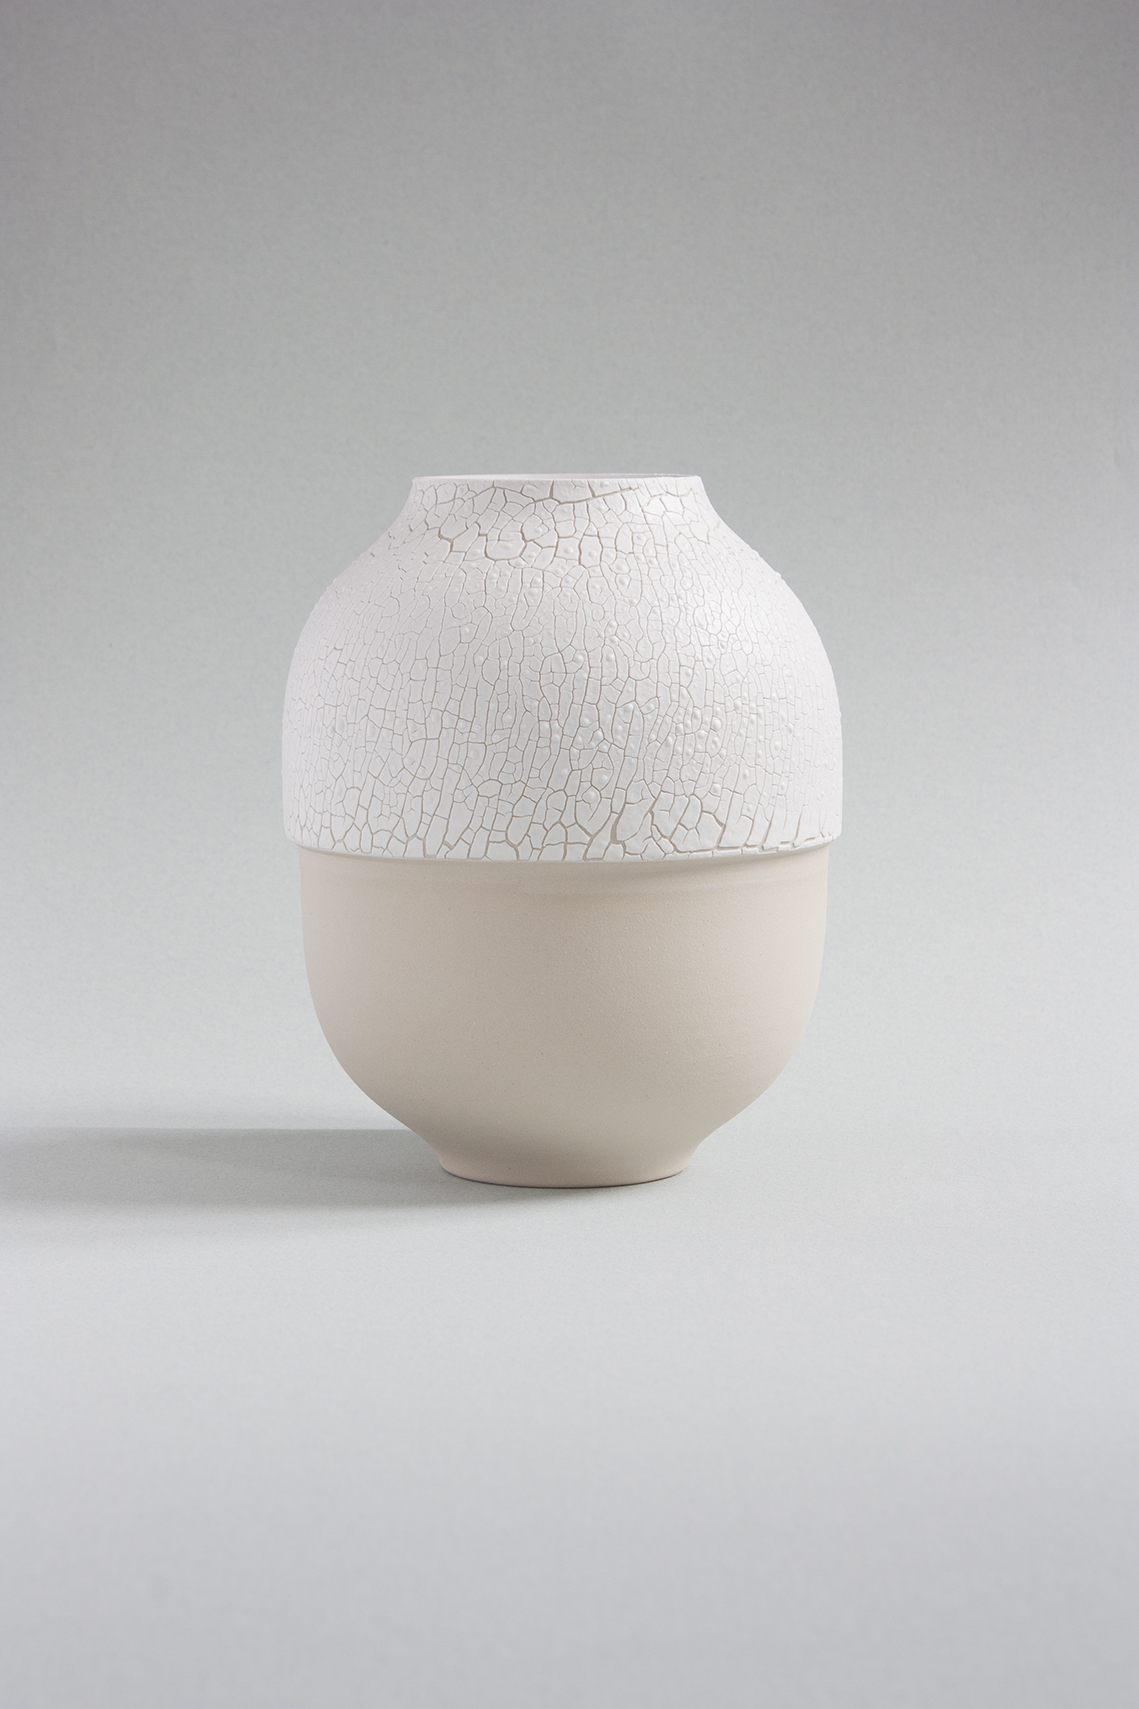 josefina-munoz-design-atacama-ceramic-vases